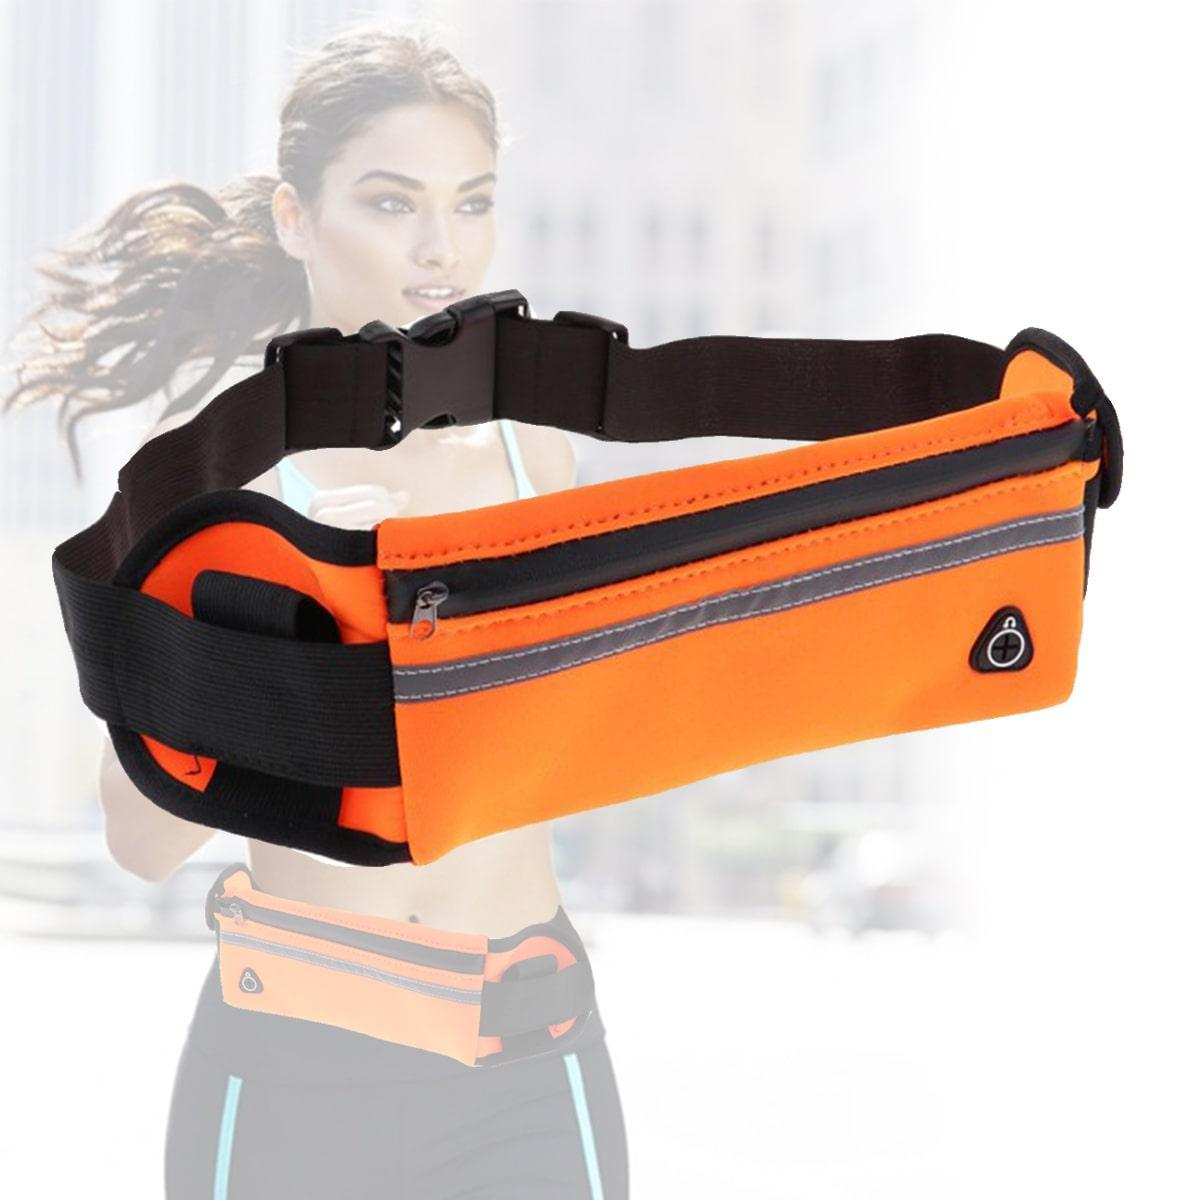 Сумка спортивная поясная для телефона оранжевая - фото 1